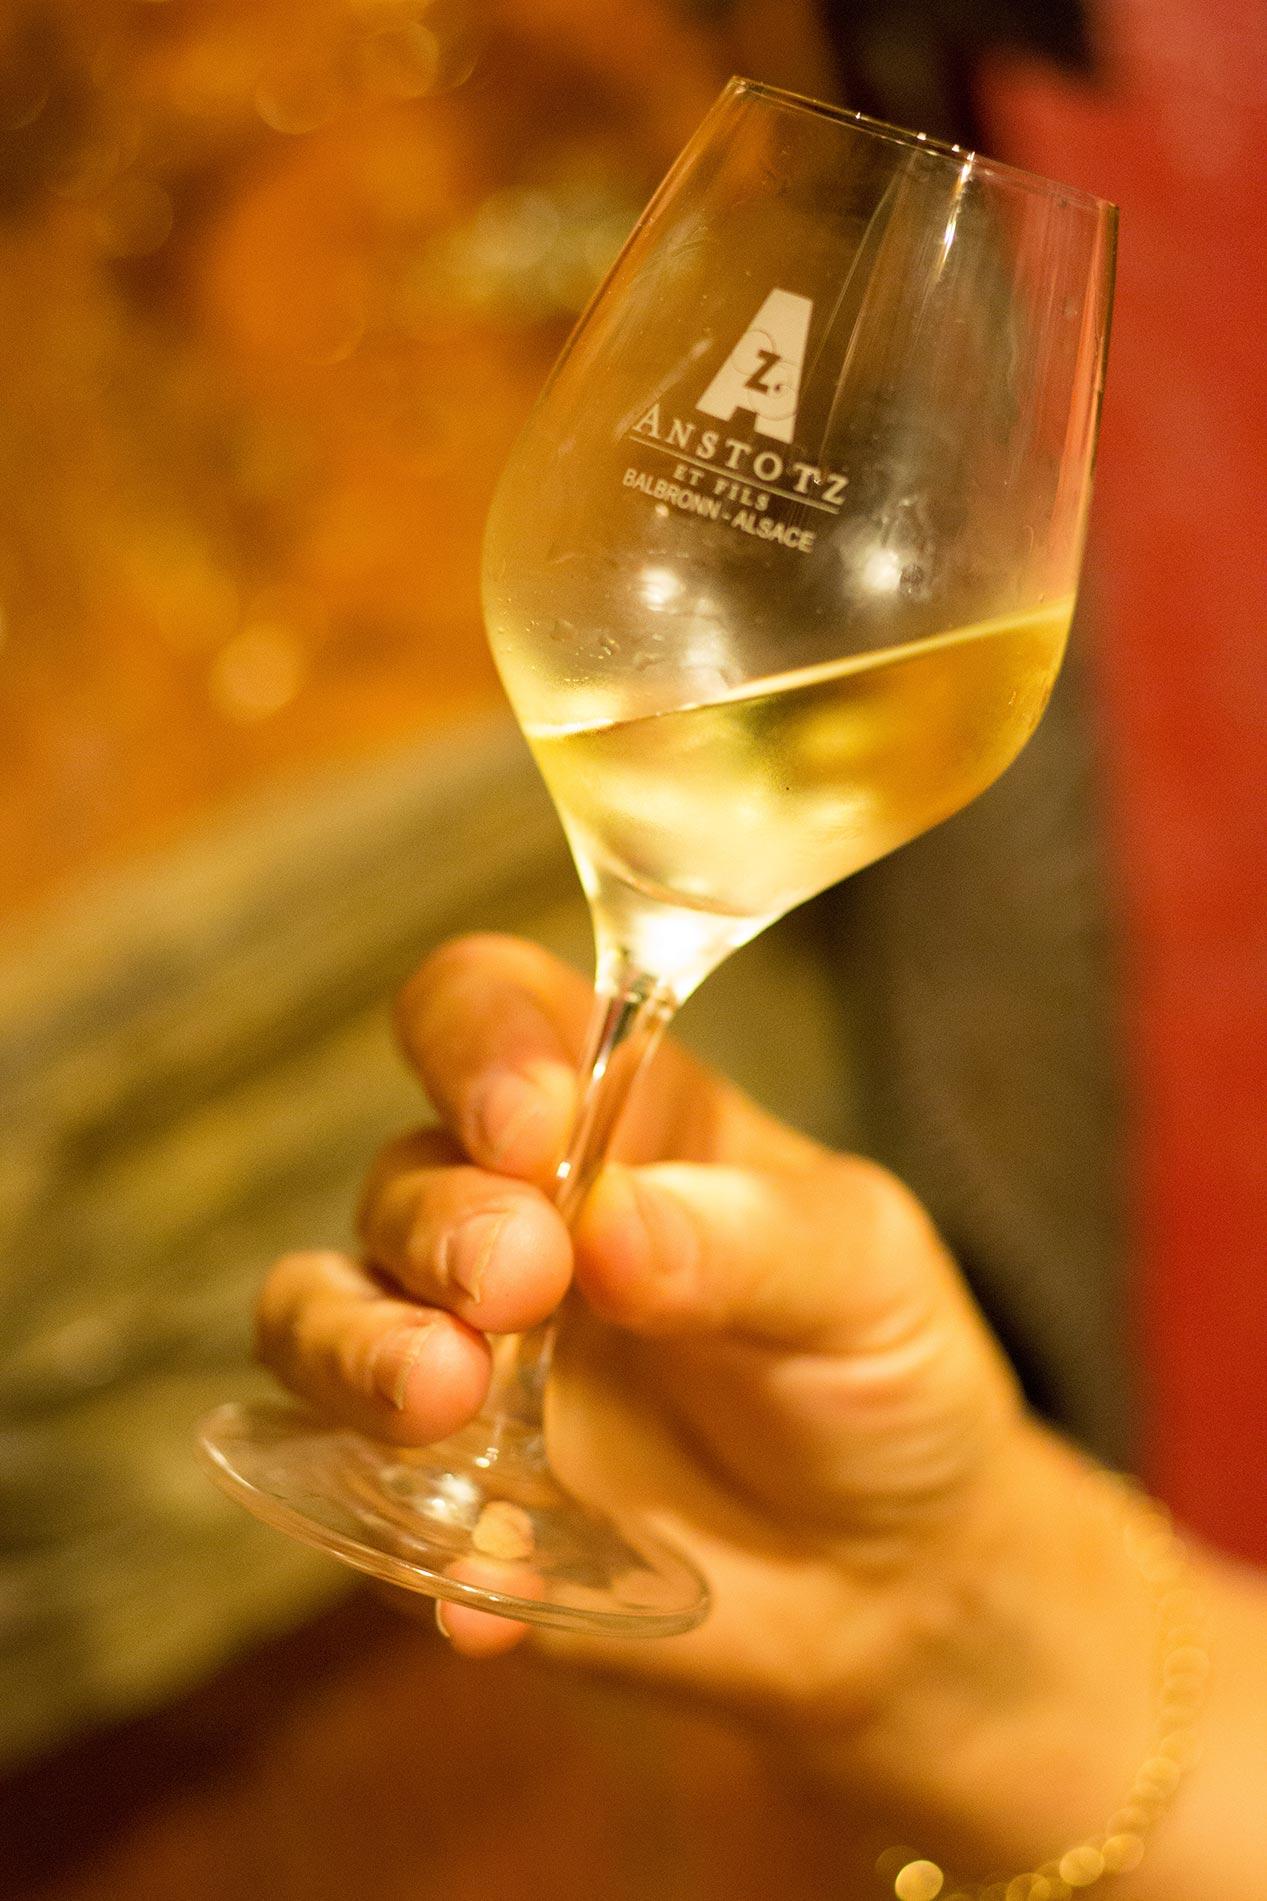 Vin Domaine Anstotz